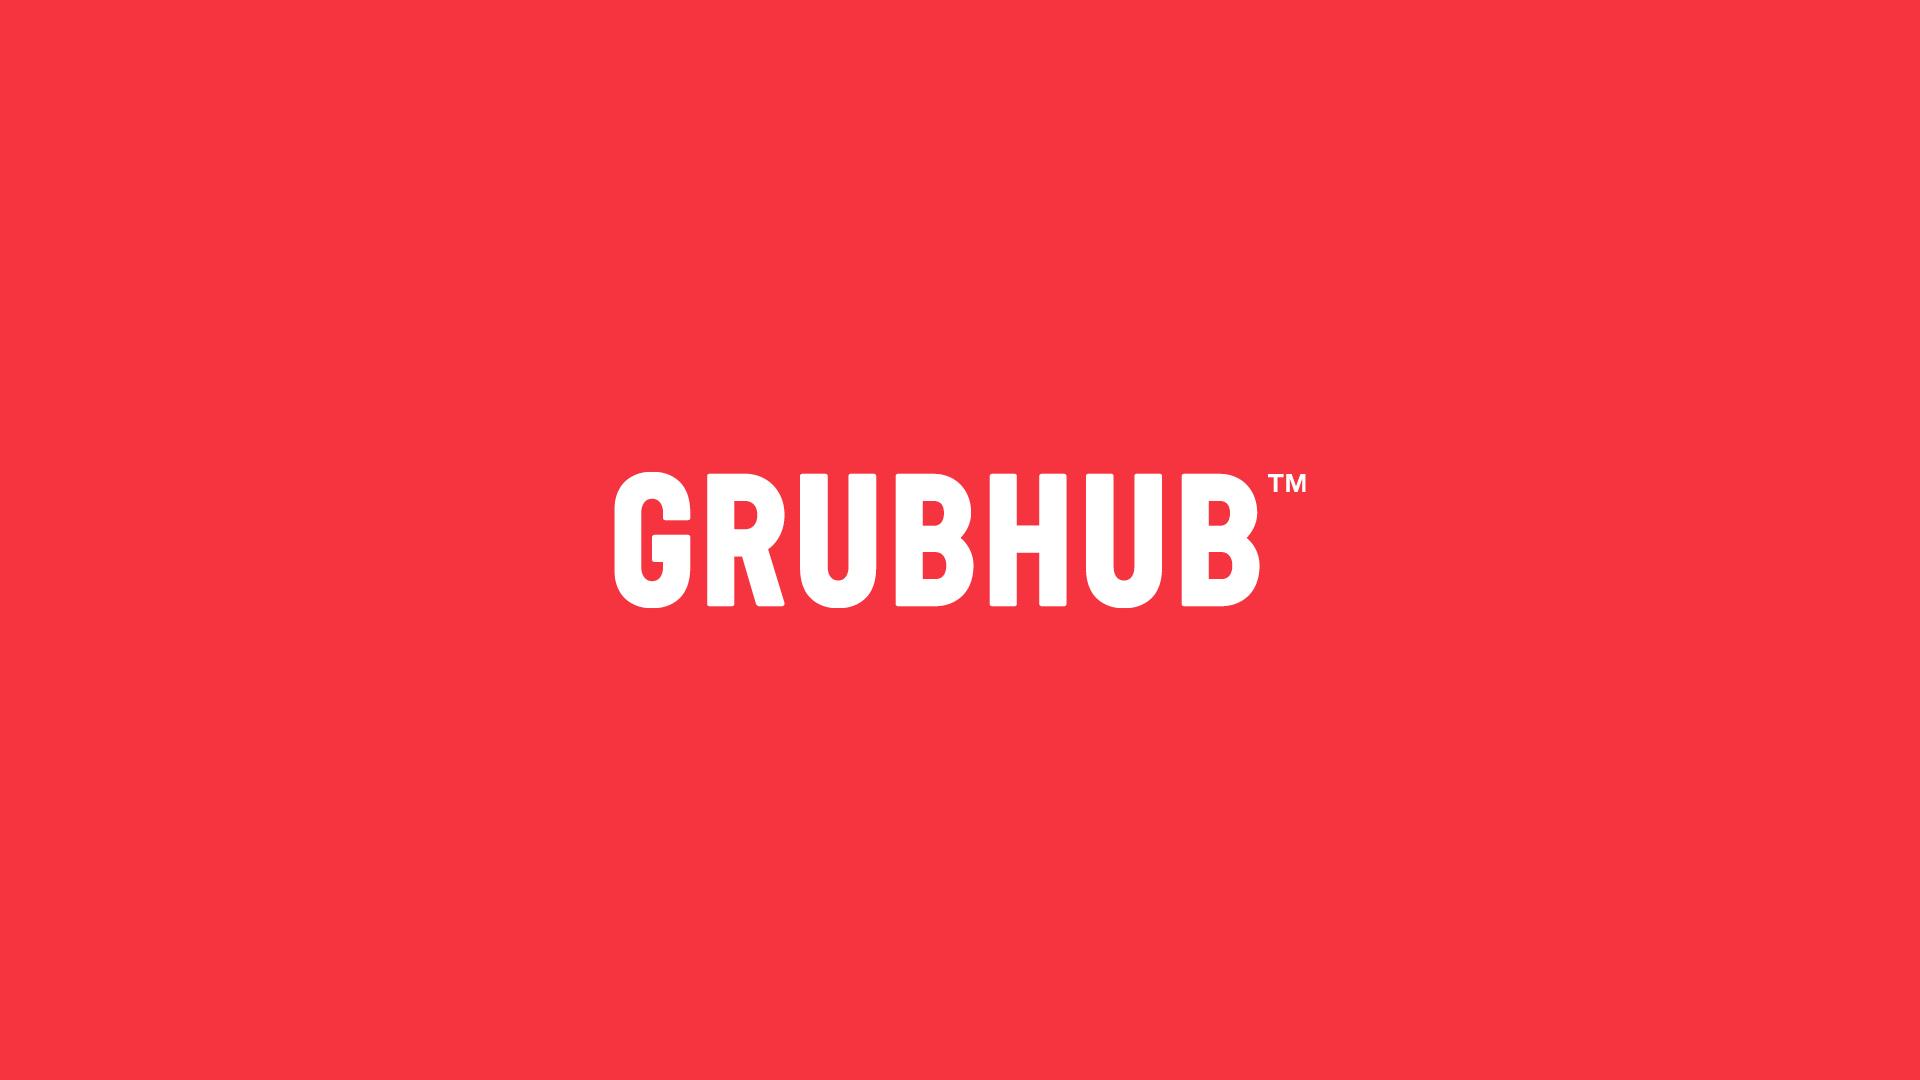 Grubhub Identity By Wolff Olins